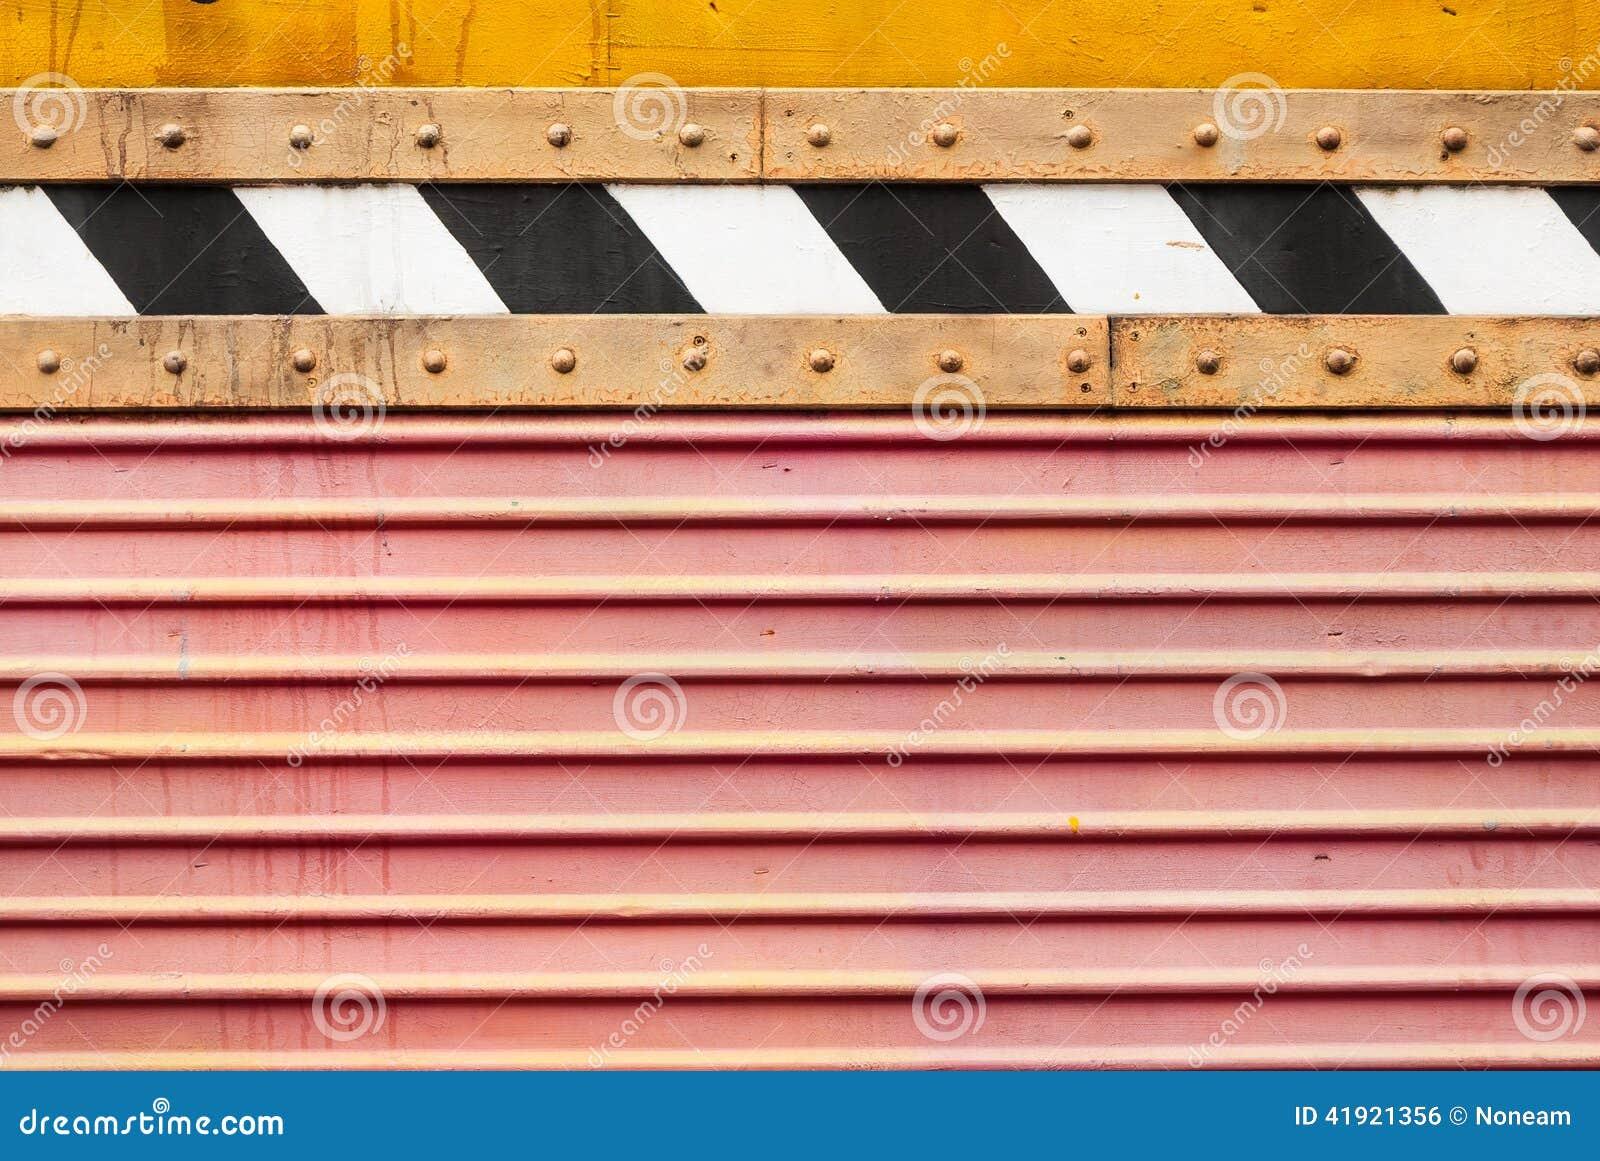 Het vuile Rode Blad van het Golfmetaal met Achter en Witte Streeptextuur Als achtergrond